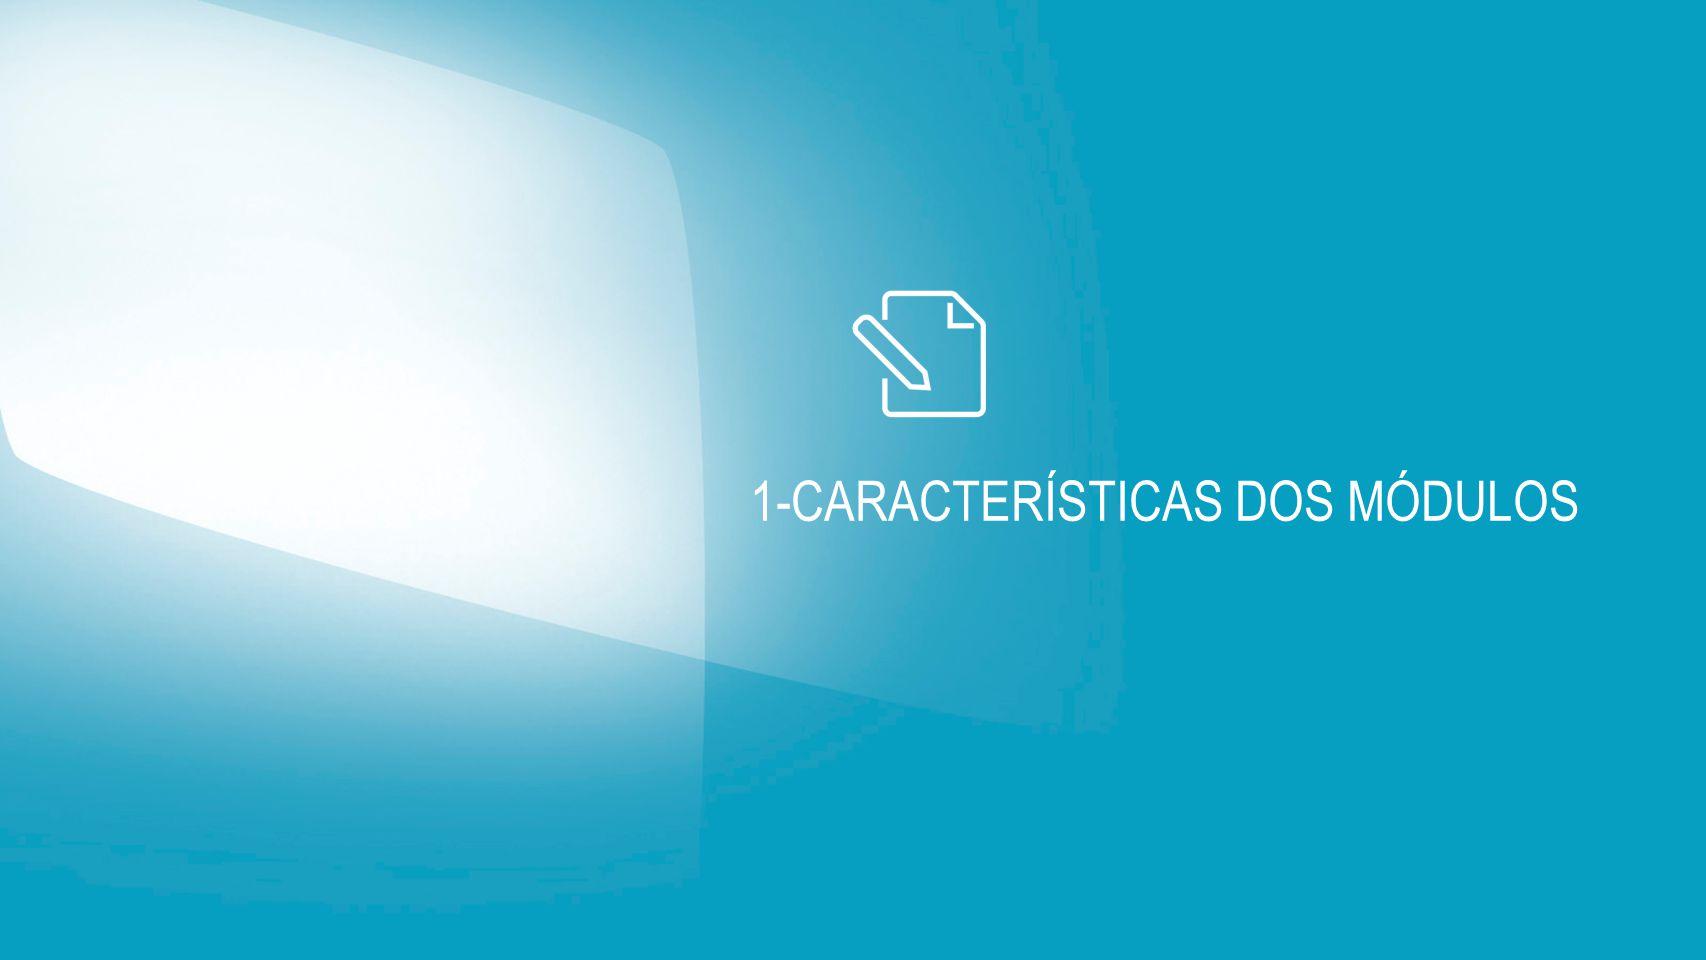 1-CARACTERÍSTICAS DOS MÓDULOS